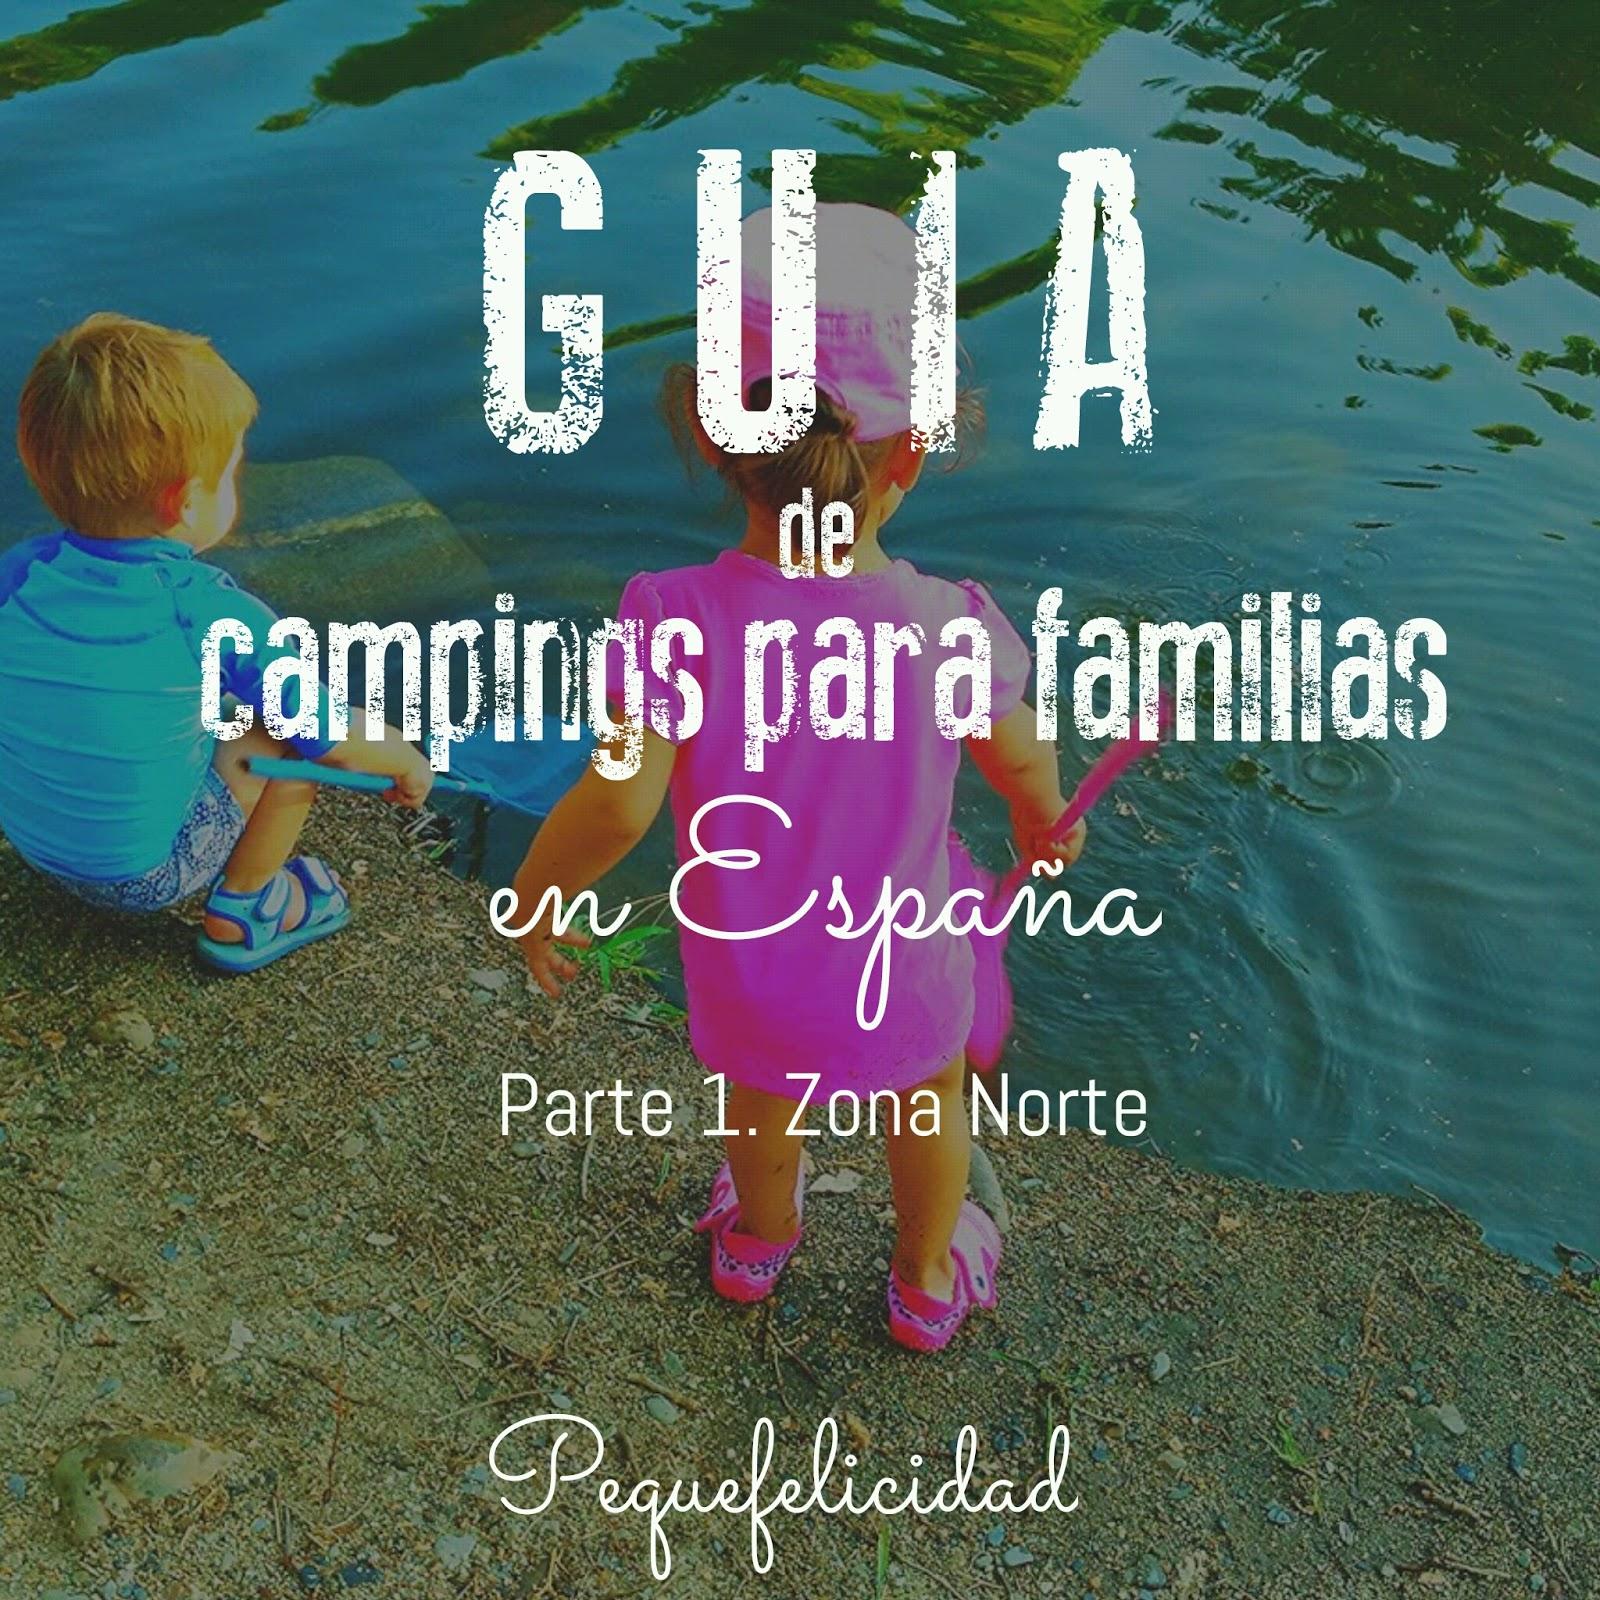 d53fa1b03773 PEQUEfelicidad: GUÍA NACIONAL DE CAMPINGS PARA FAMILIAS. Zona Norte